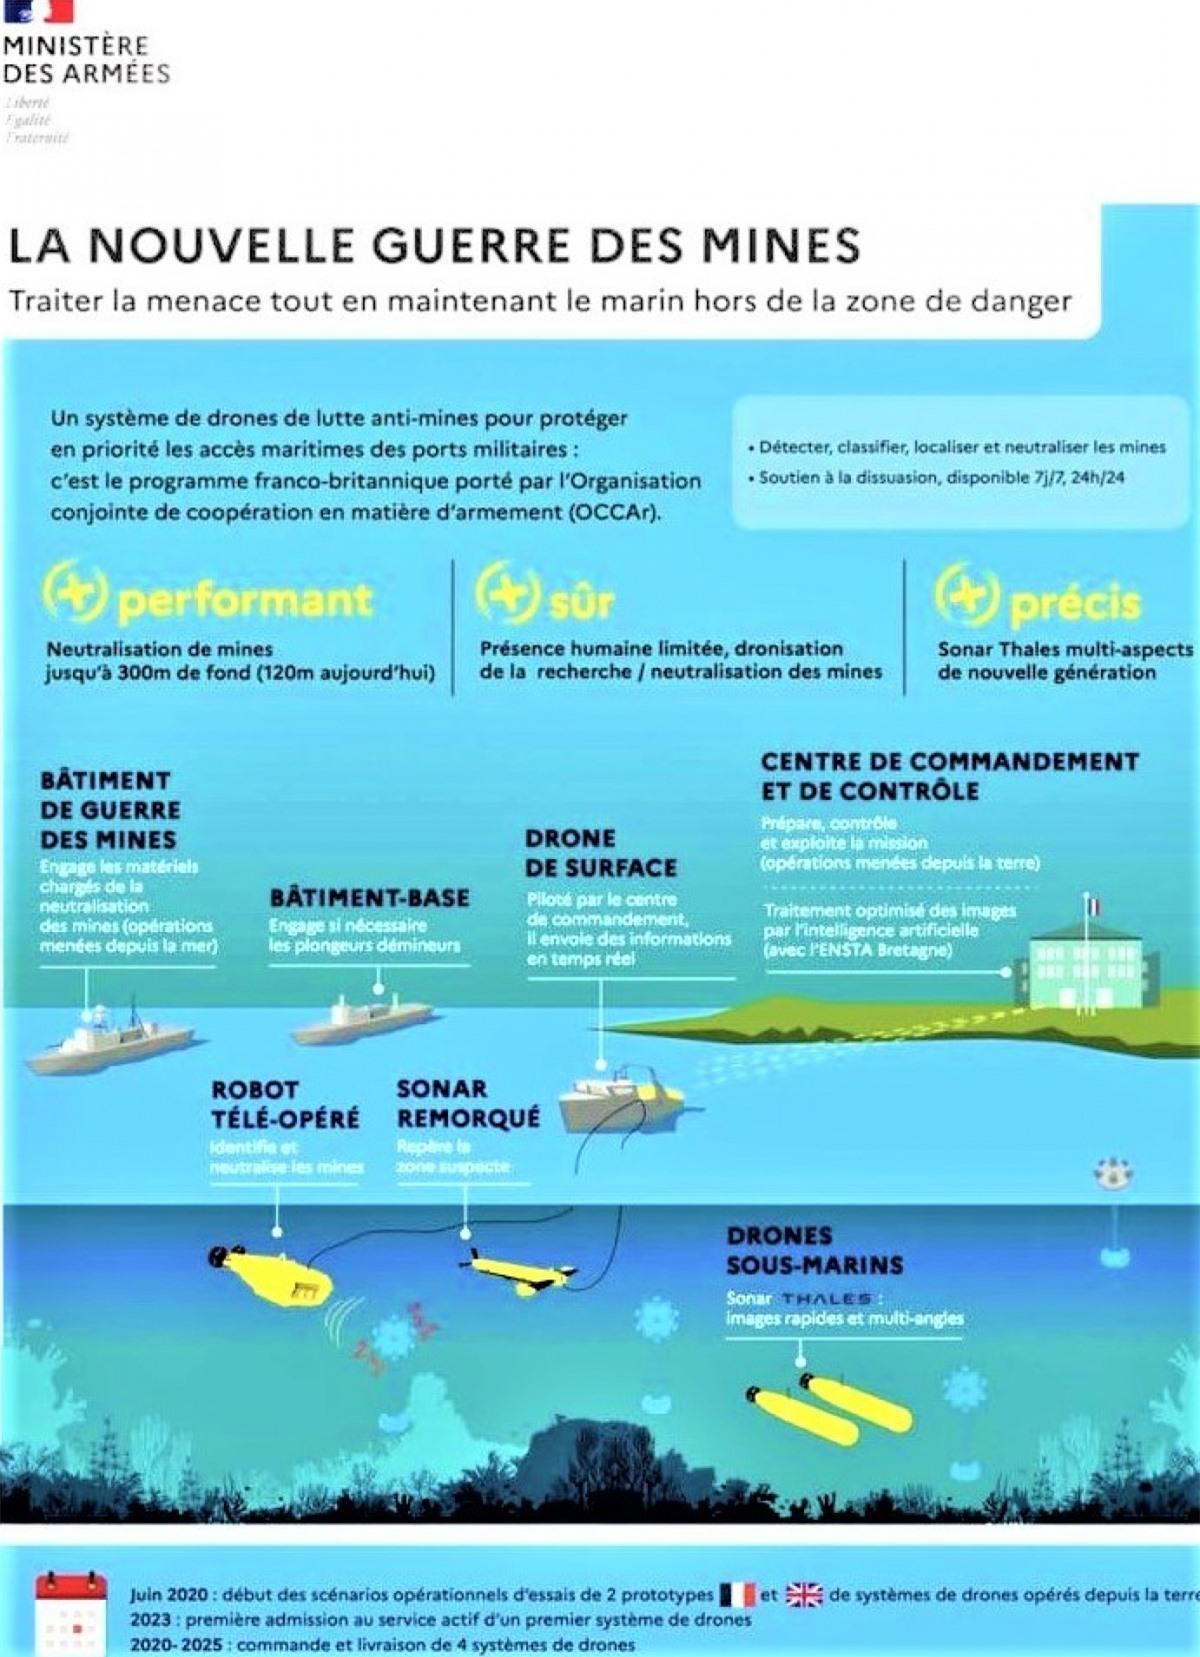 Nguyên lý hoạt động chương trình SLAM-F của Hải quân Pháp. Nguồn: naukatehnika.com